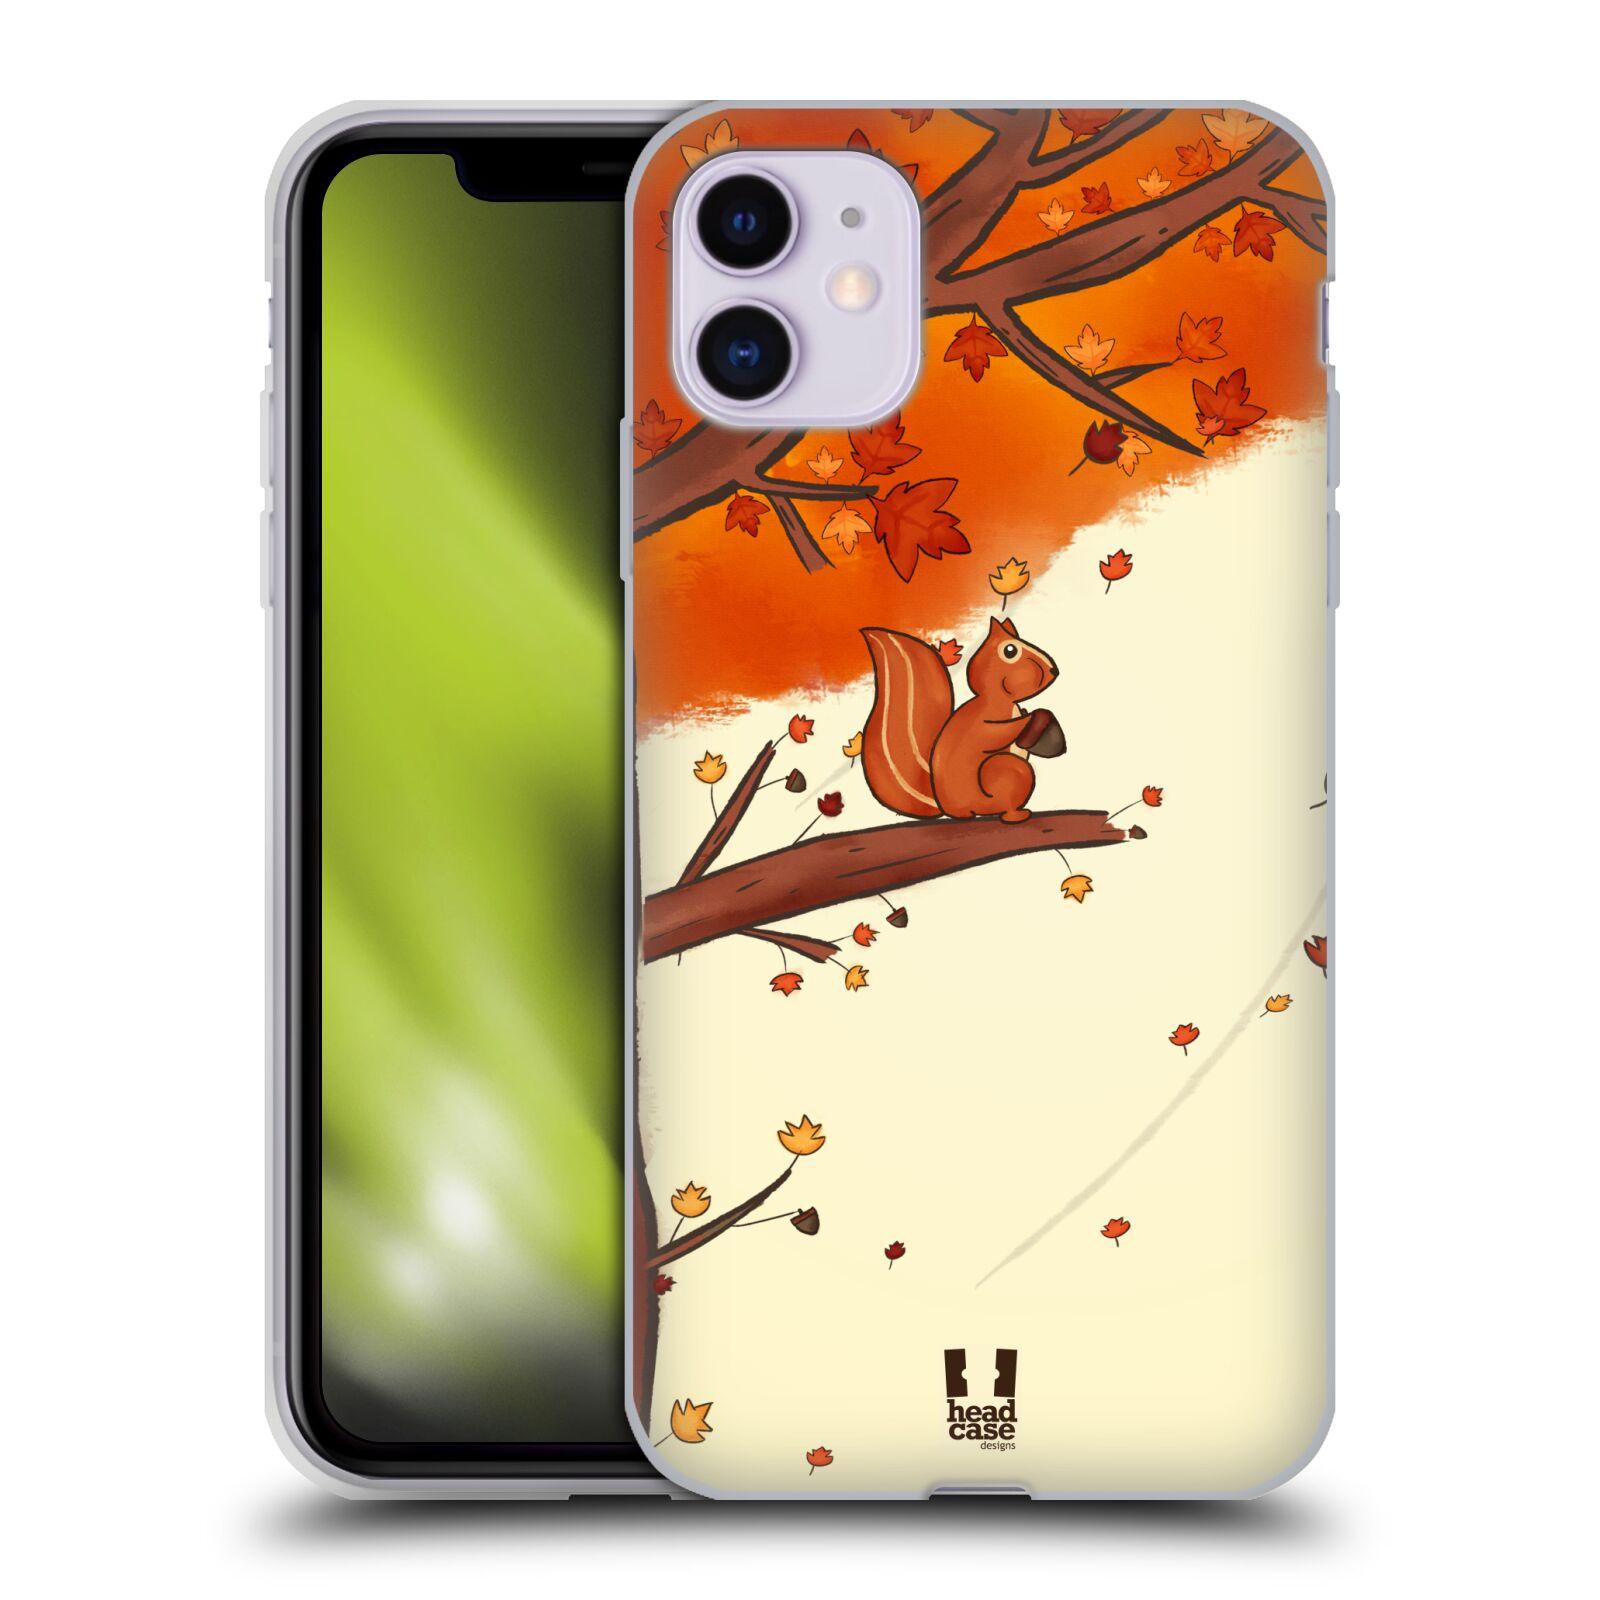 Silikonové pouzdro na mobil Apple iPhone 11 - Head Case - PODZIMNÍ VEVERKA